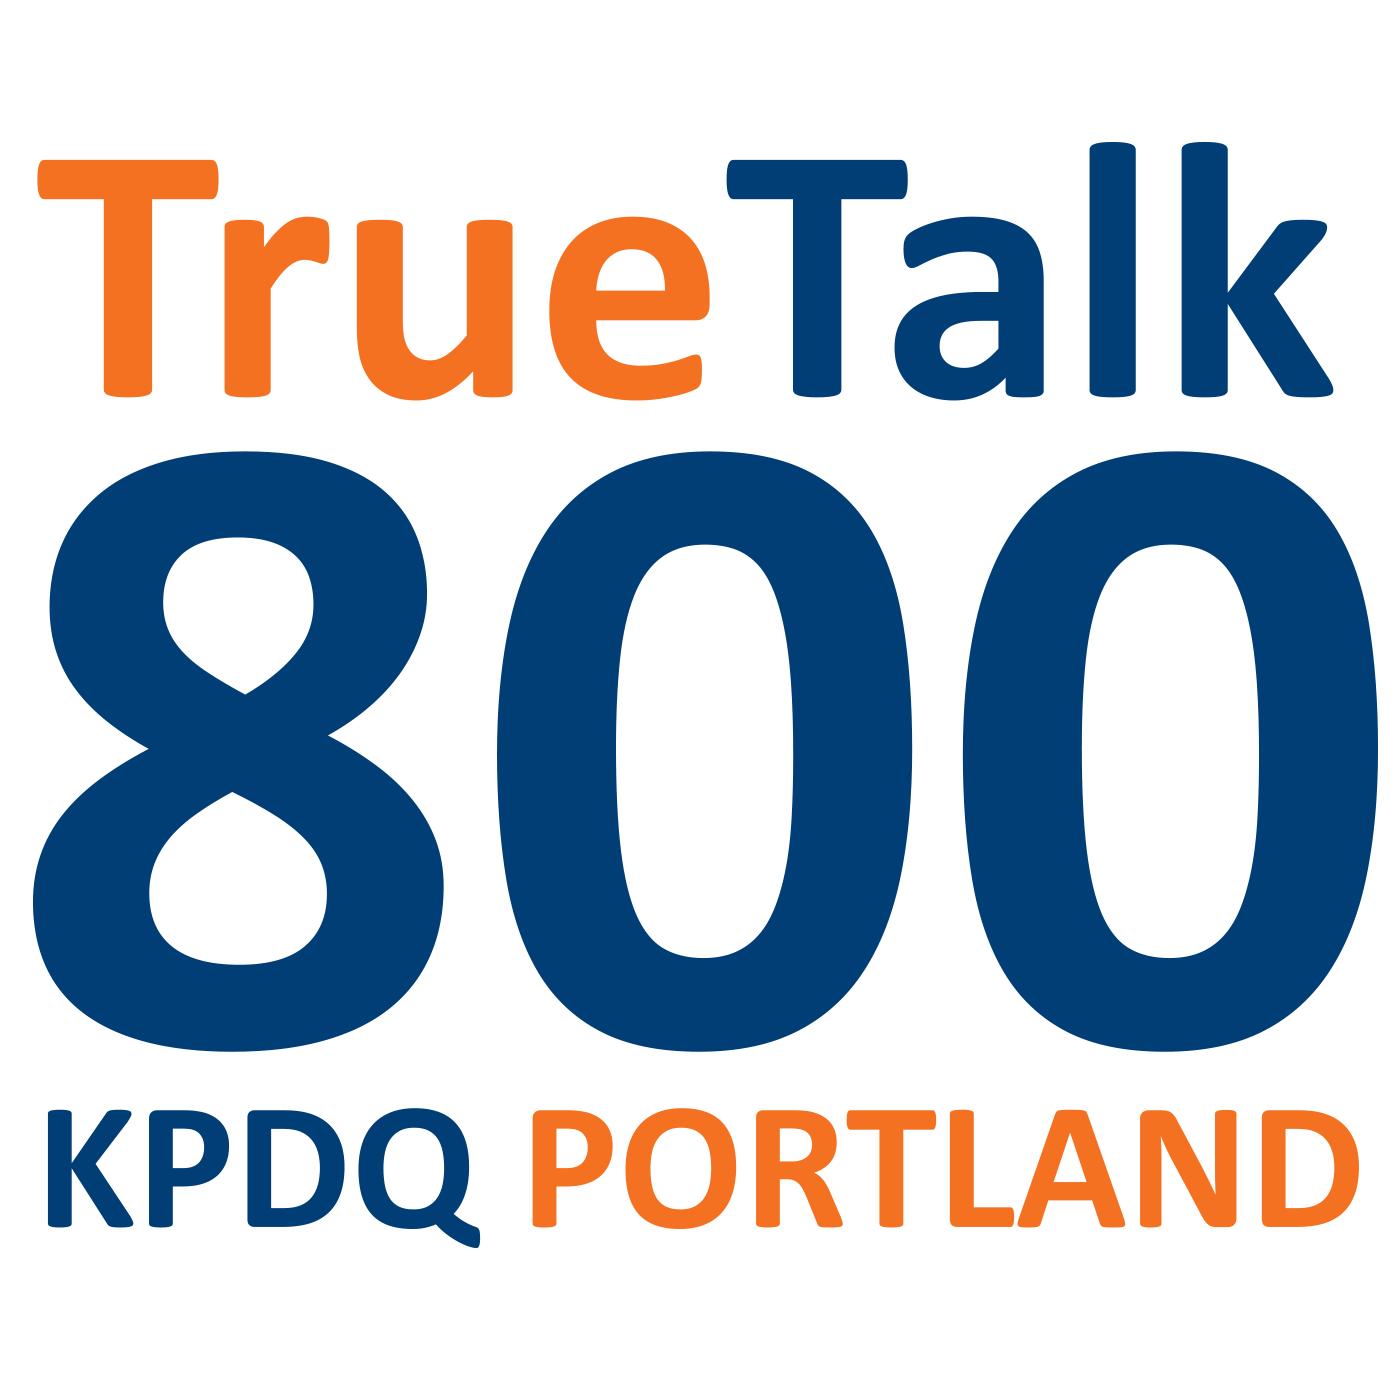 TrueTalk 800 KPDQ